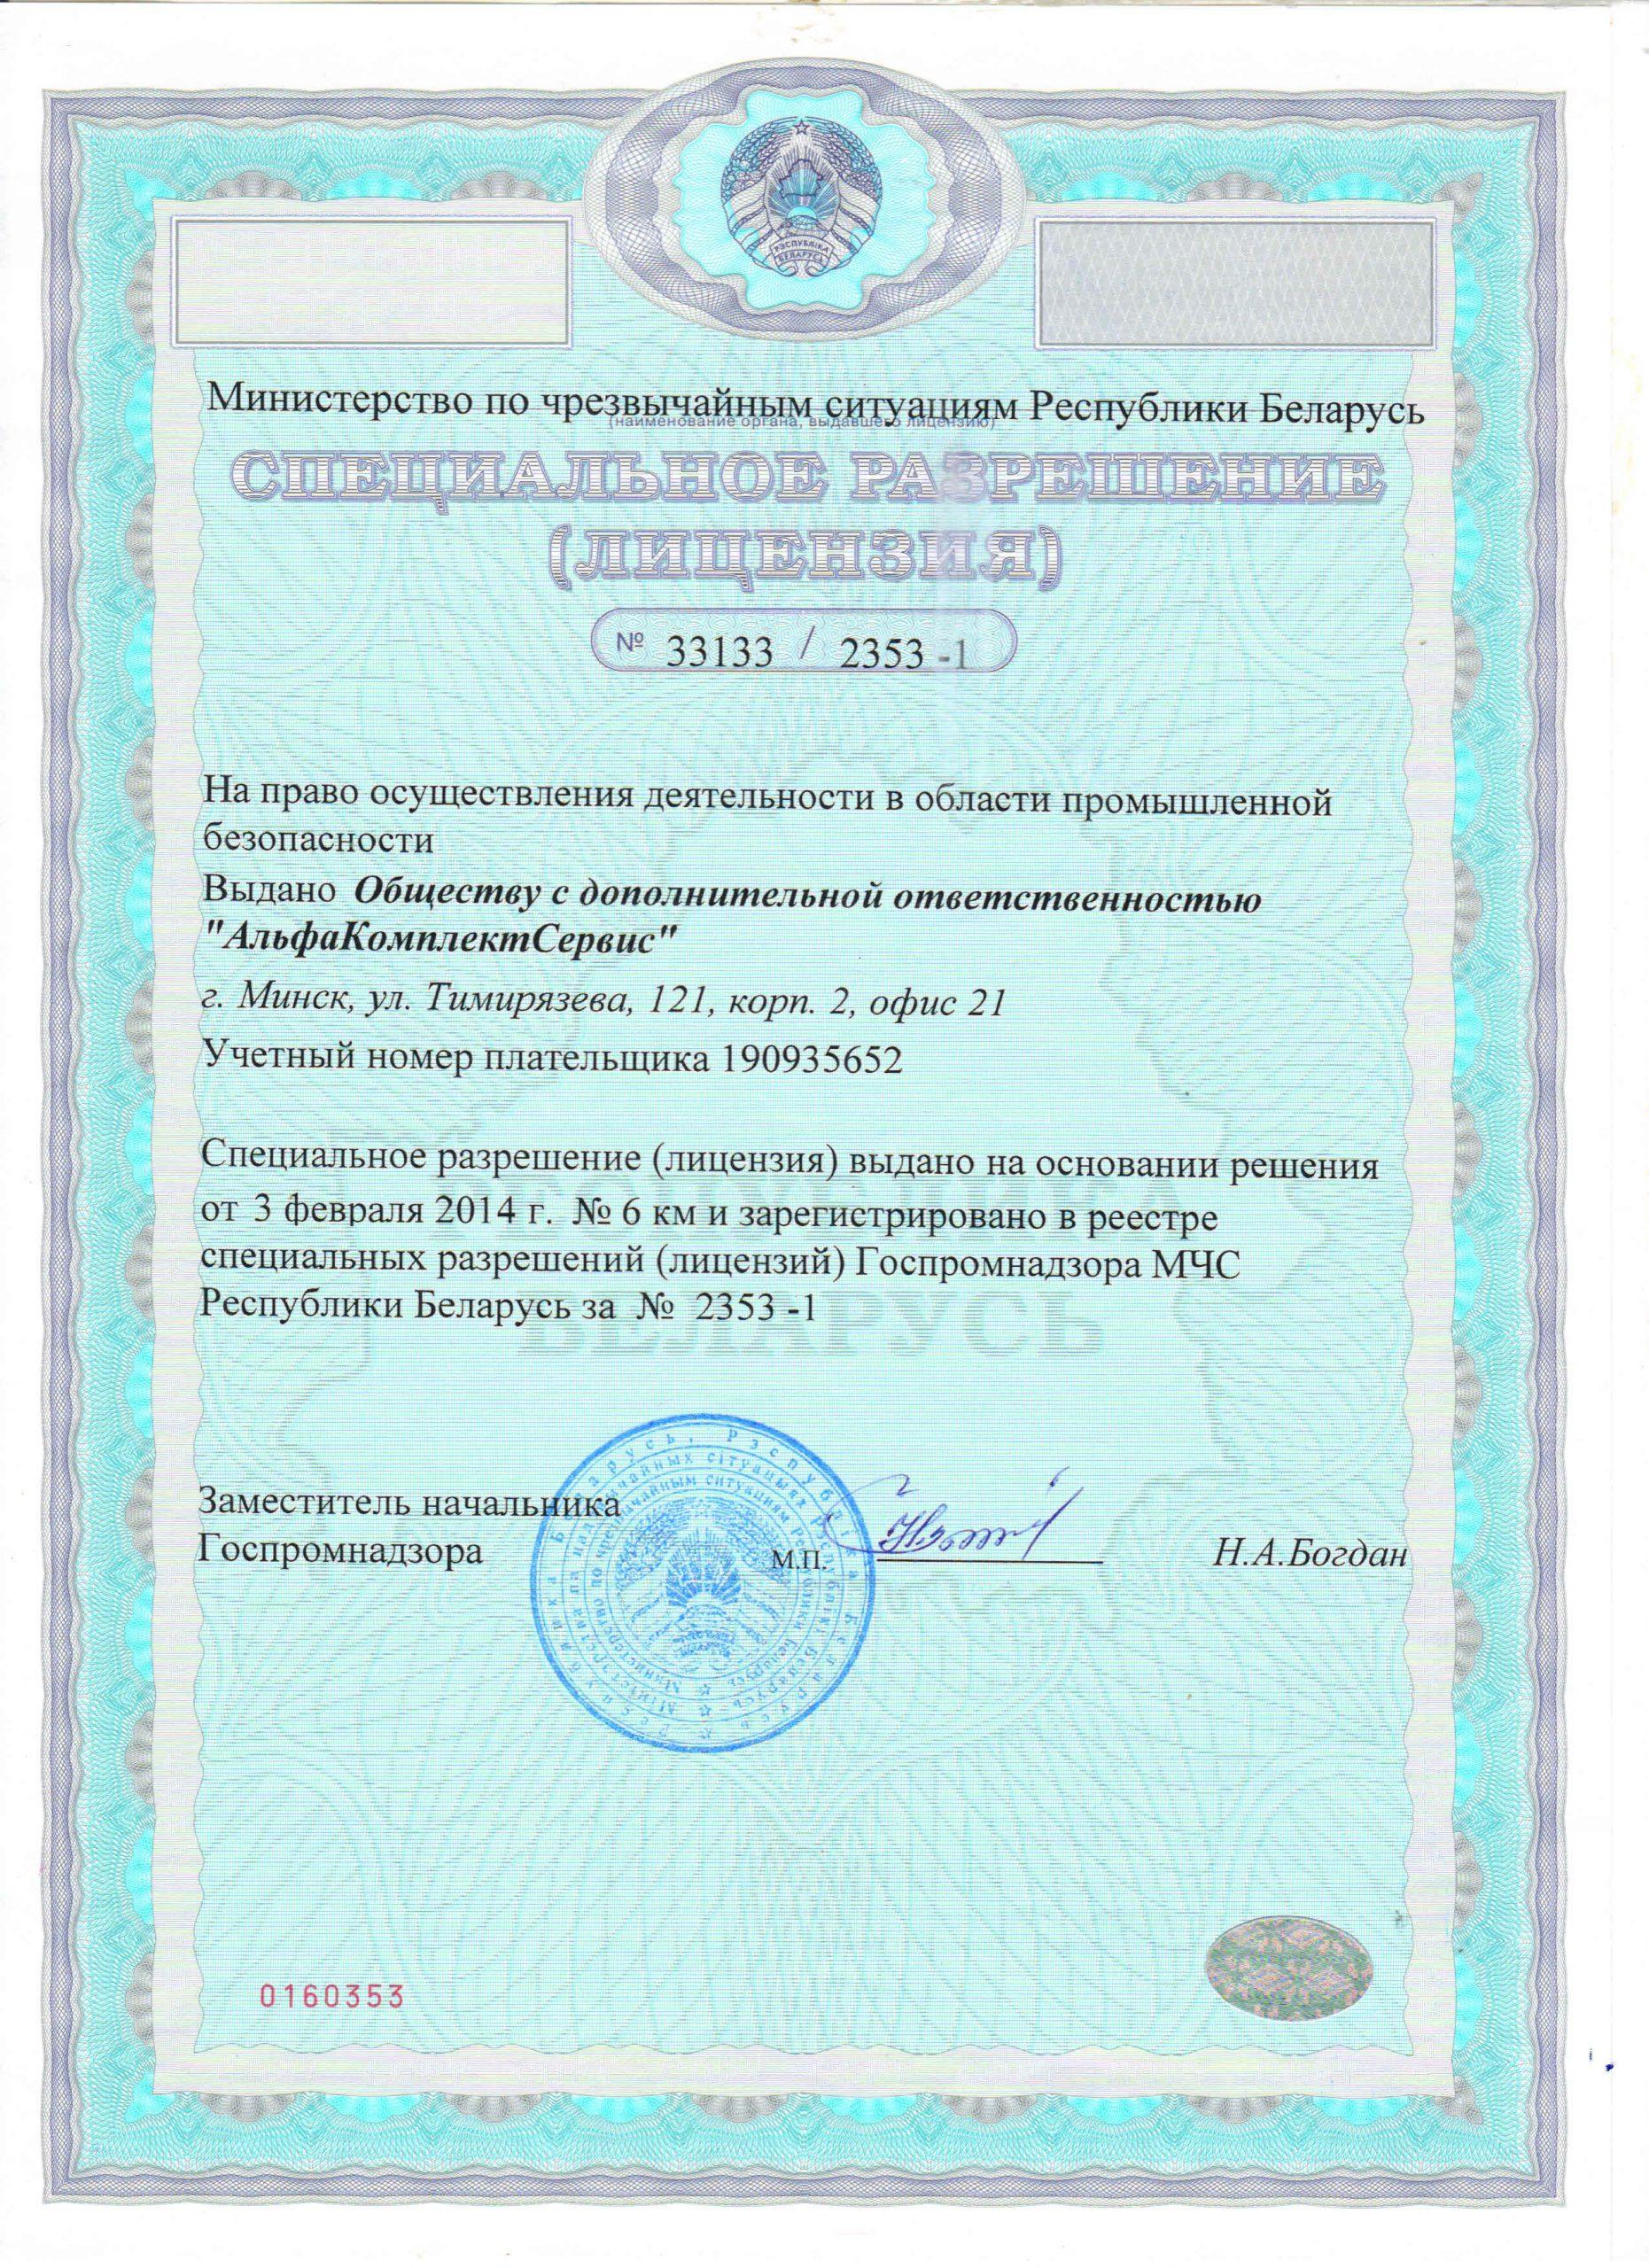 Лицензия Госпромнадзора МЧС РБ